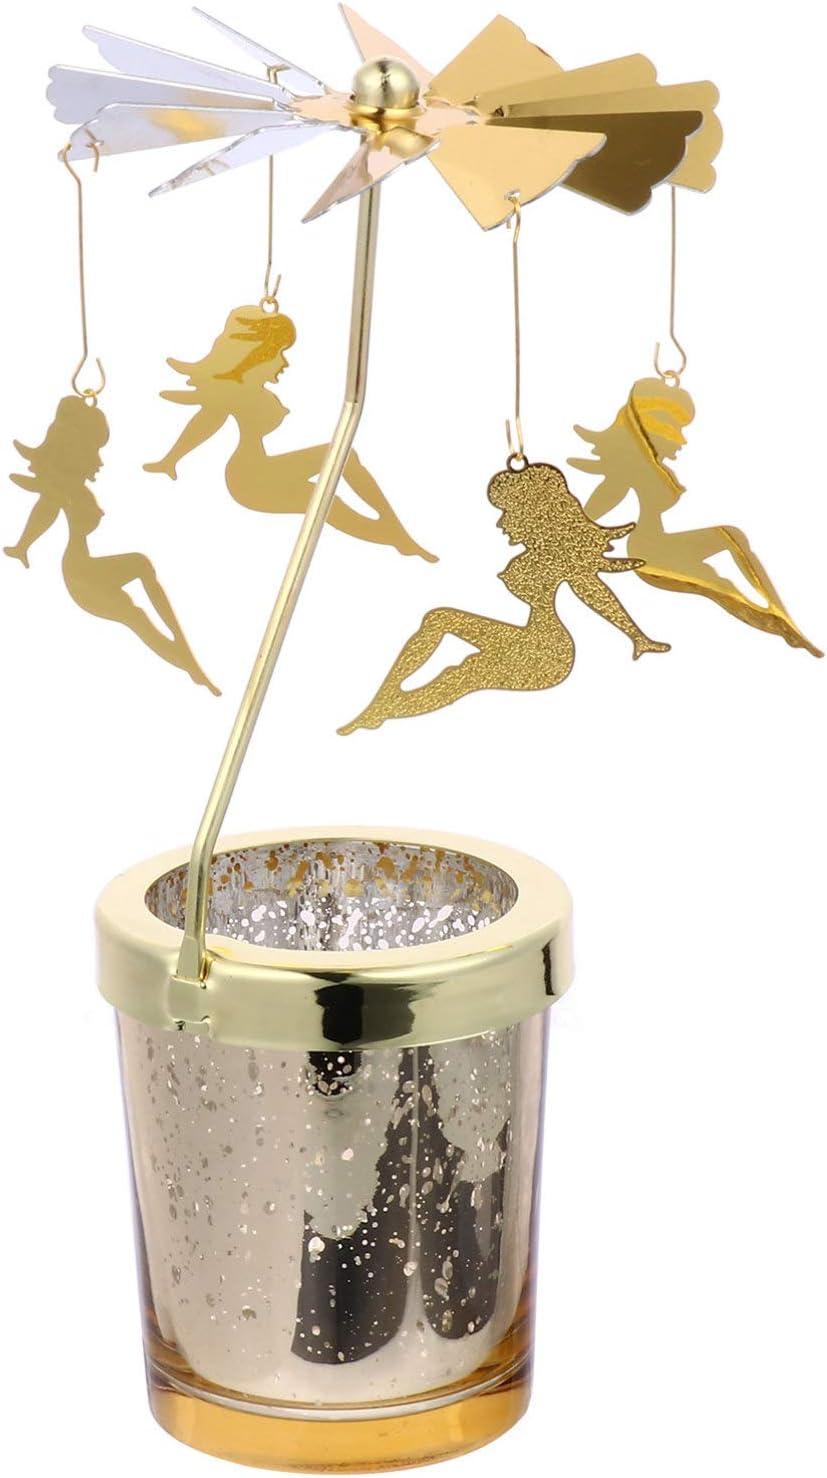 SOLUSTRE Portavelas de té de cristal, diseño de carrusel de Navidad, color dorado sexy, con mujer giratoria, portavelas de cristal, regalo para boda, decoración de mesa